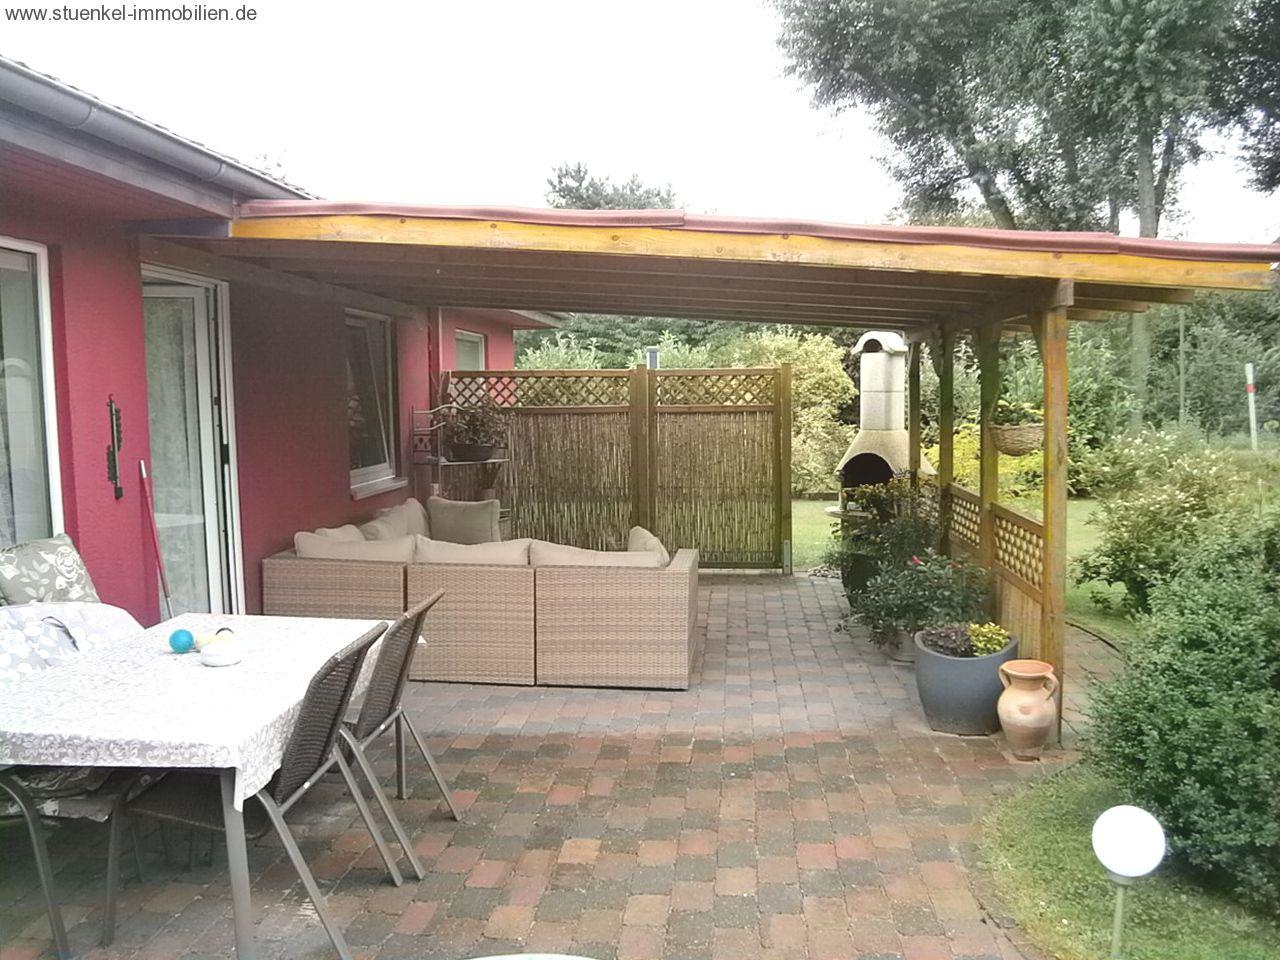 vermittelte objekte neustadt bungalow mit garage in. Black Bedroom Furniture Sets. Home Design Ideas